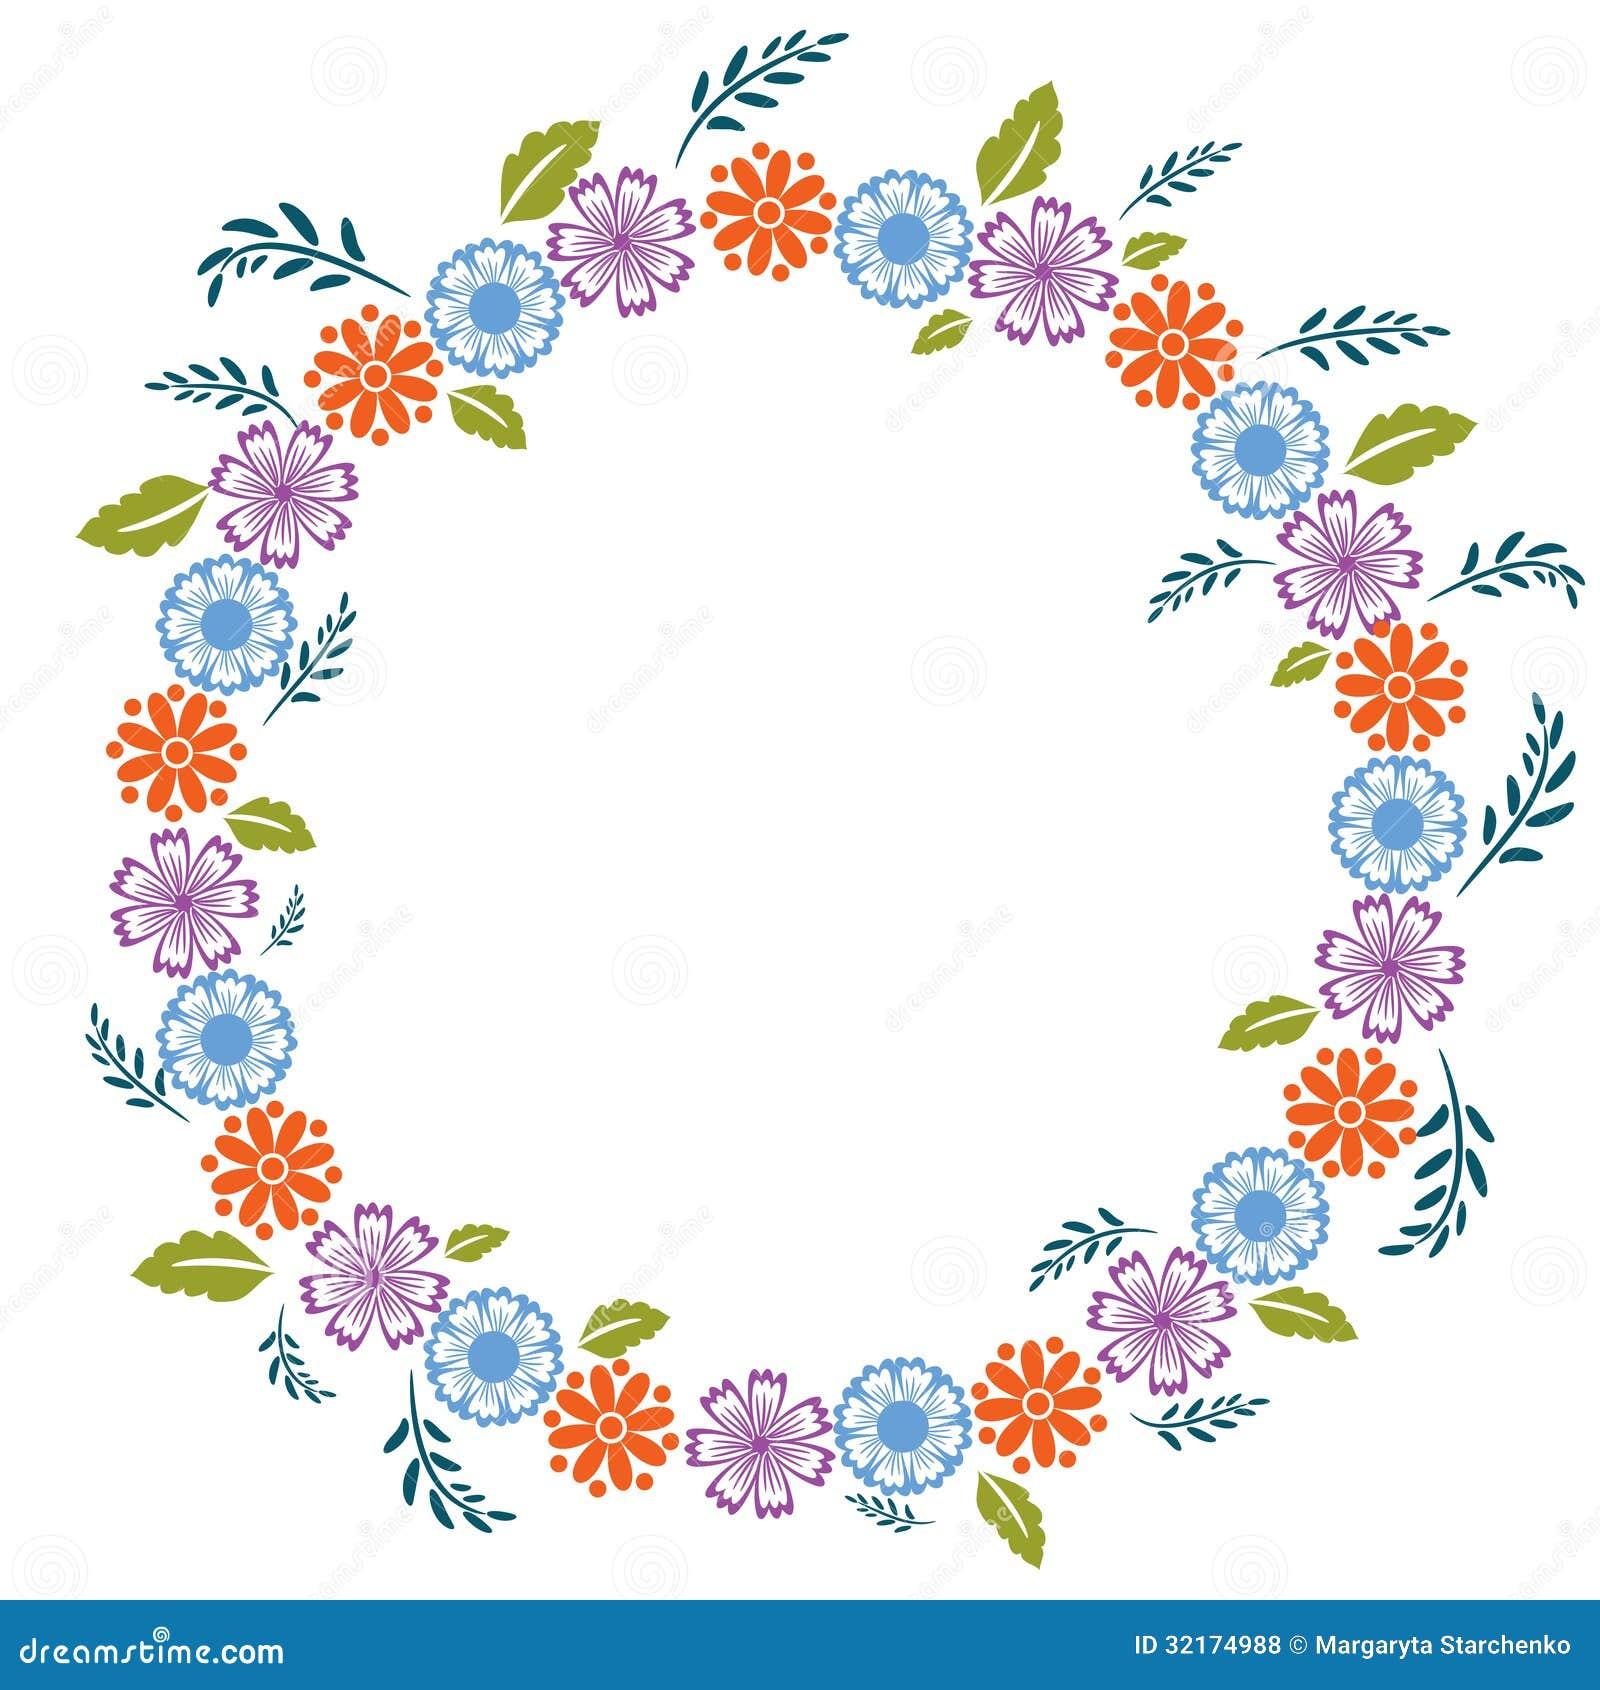 blumenrahmen stockfoto bild von dekoration floral gru 32174988. Black Bedroom Furniture Sets. Home Design Ideas